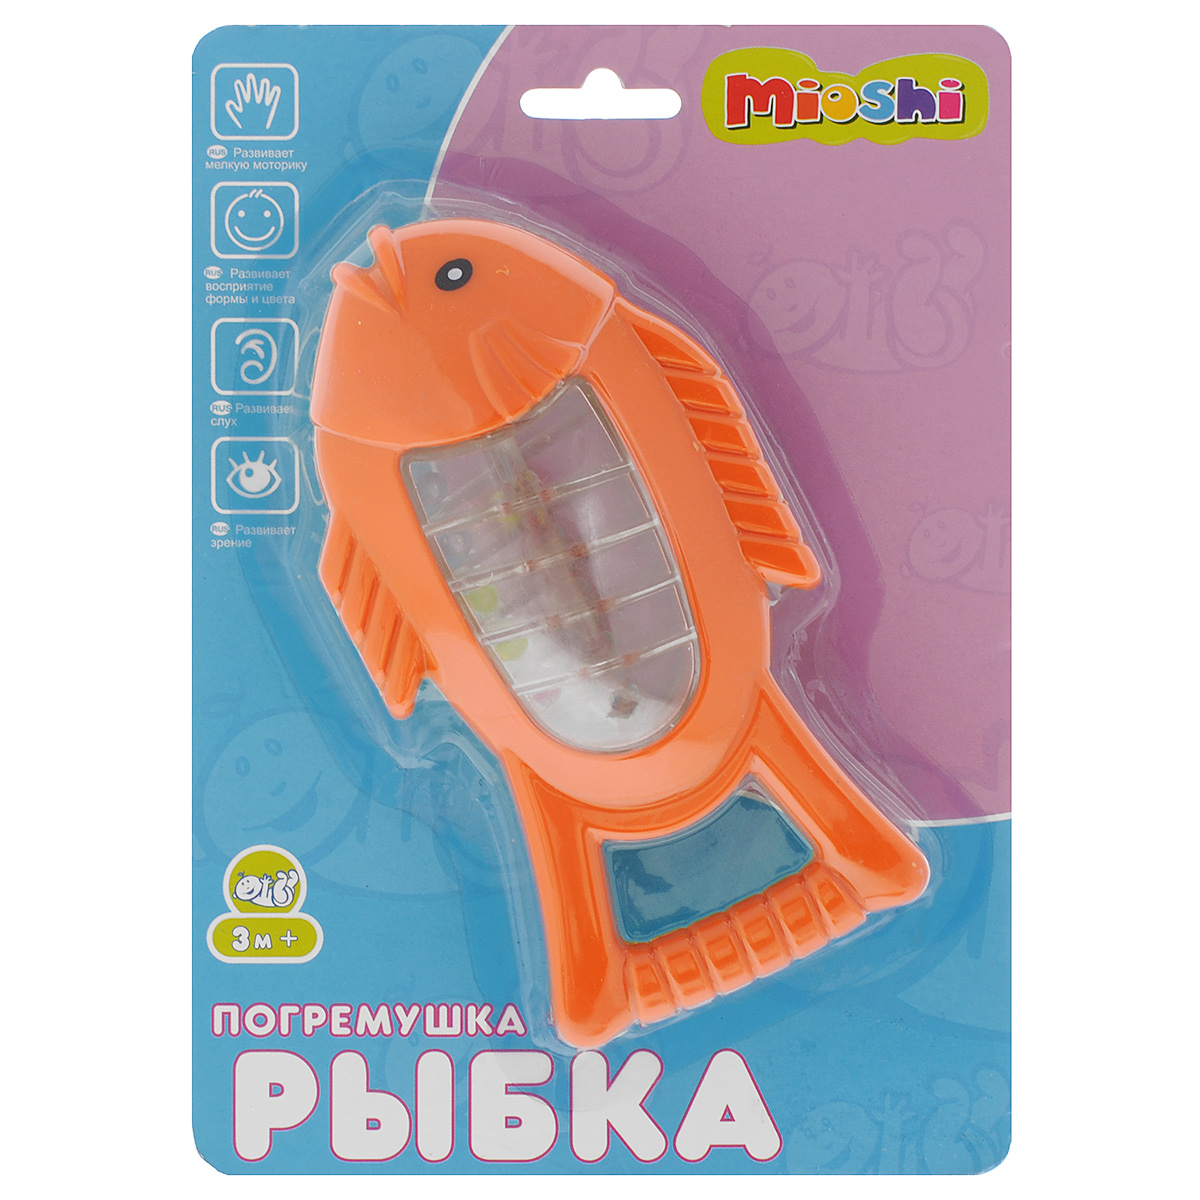 Развивающая игрушка-погремушка Mioshi Рыбка, цвет: оранжевый погремушка mioshi гибкий шар цвет желтый голубой